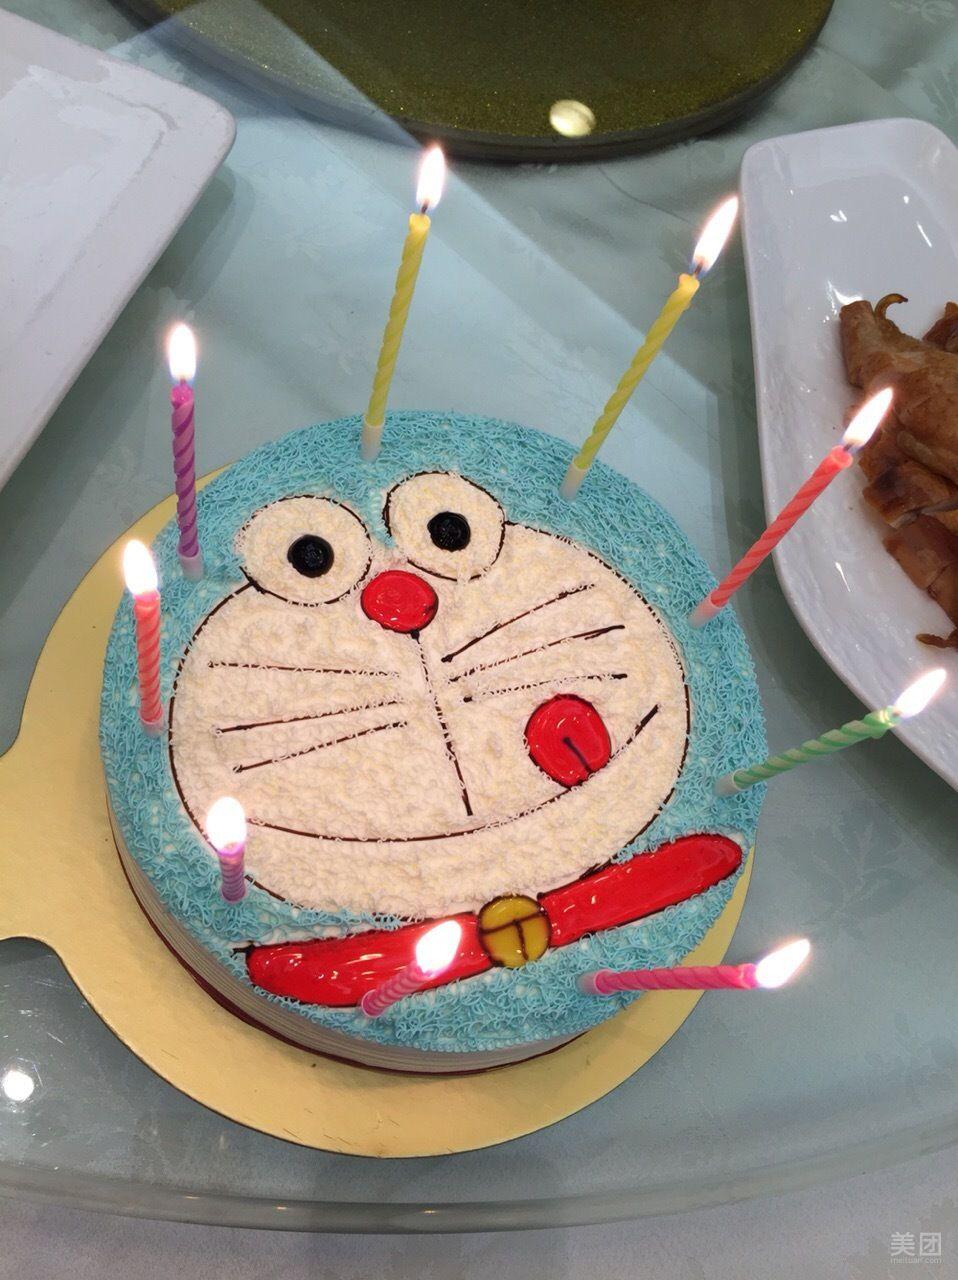 动物奶油蛋糕